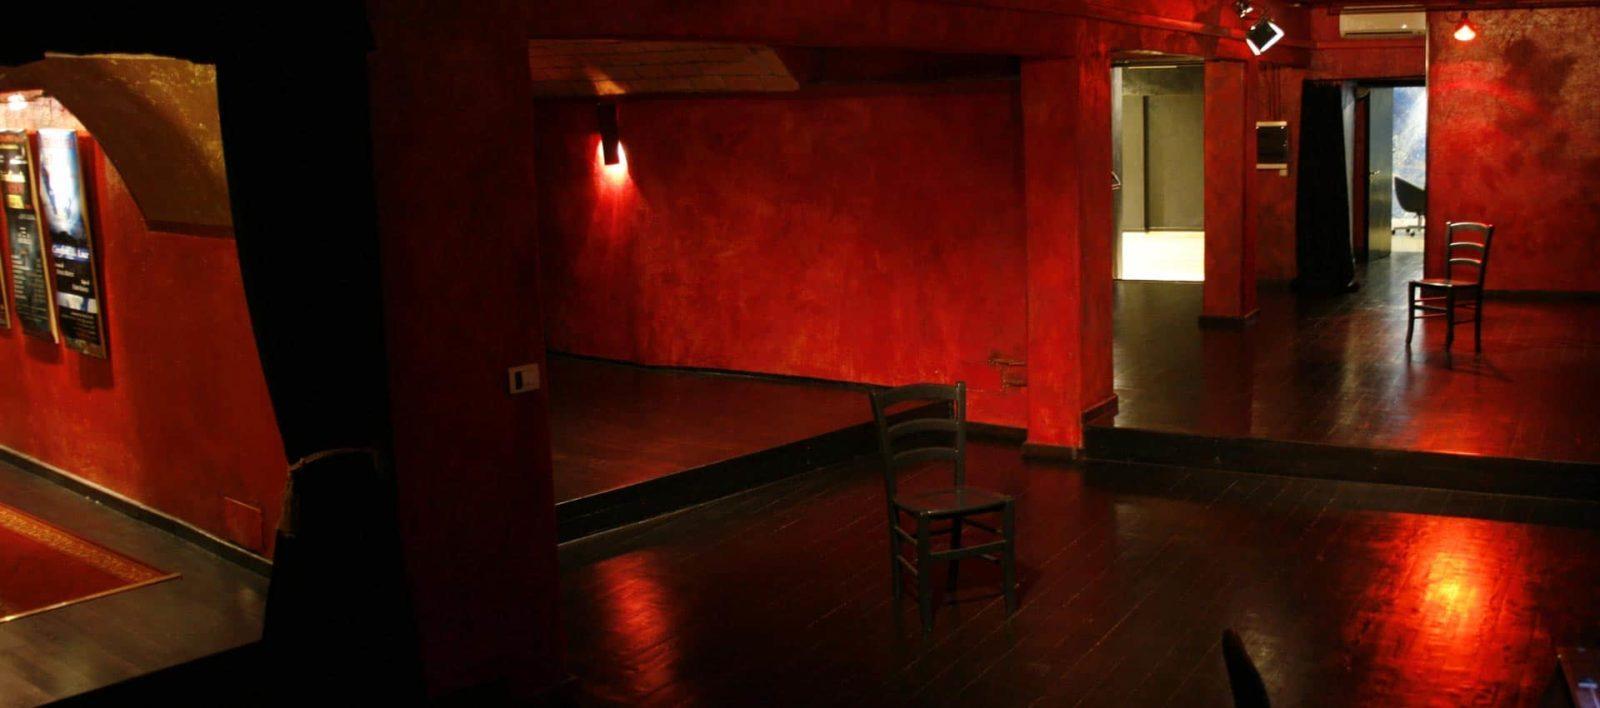 Accademia Teatrale Sofia Amendolea sala rossa